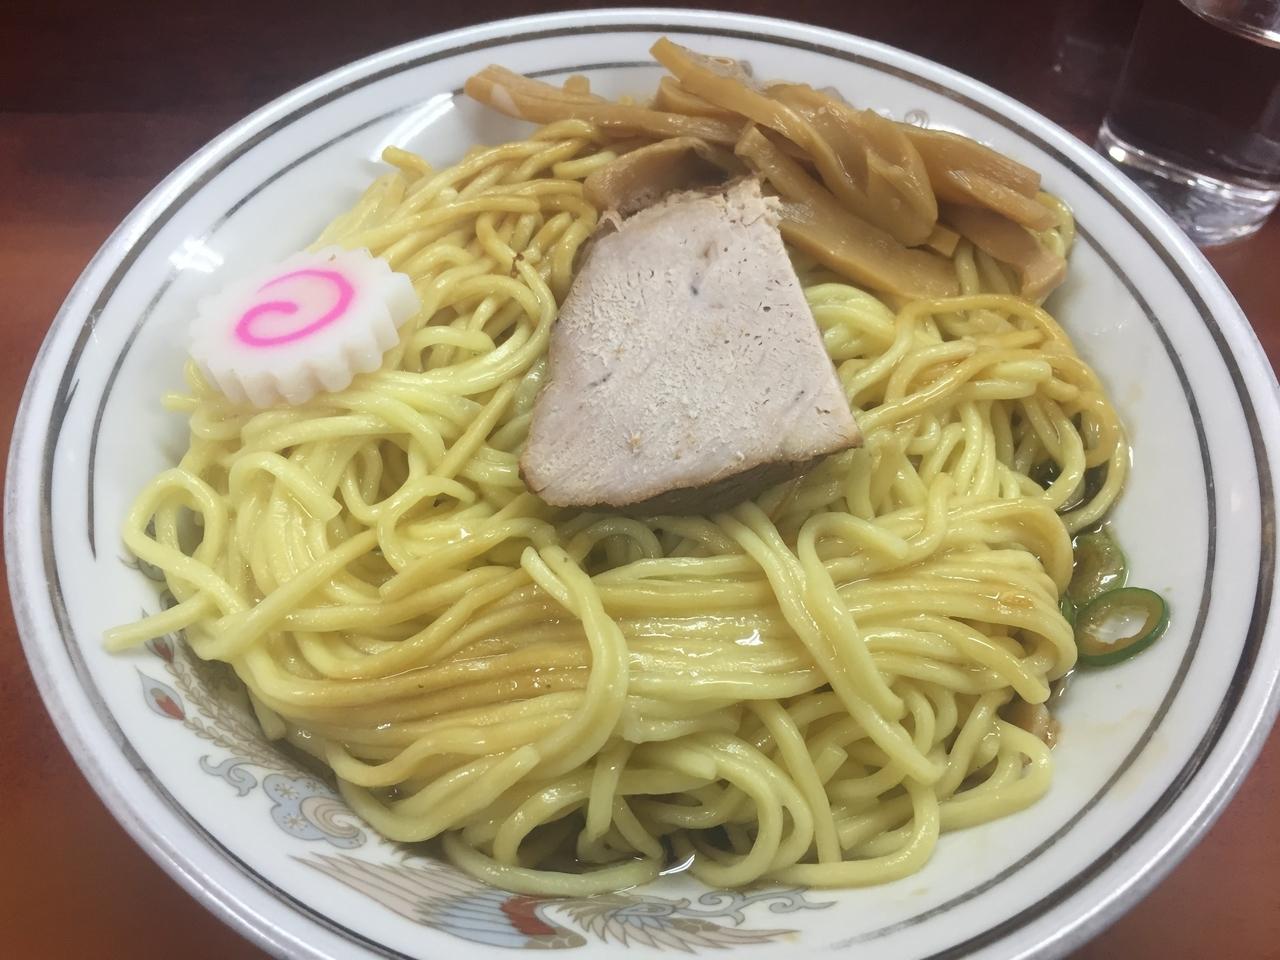 【東京】まぜそばの名店8選!台湾まぜそばから元祖油そば、進化系イタリア風まで